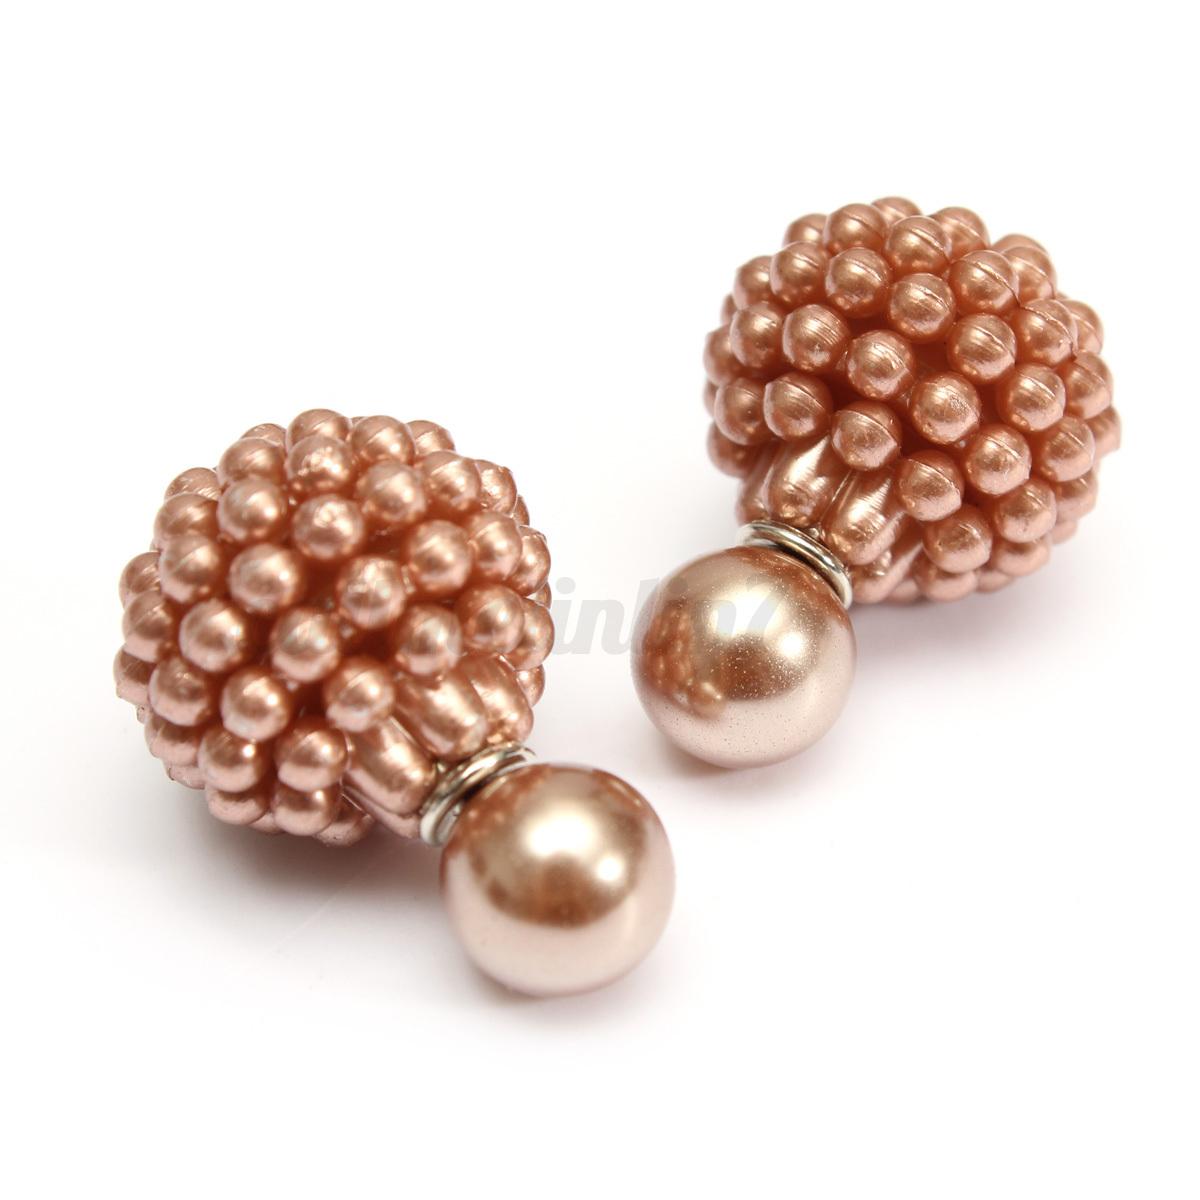 femme fille boucles d 39 oreilles double perles boule cristal strass bijoux cadeau ebay. Black Bedroom Furniture Sets. Home Design Ideas